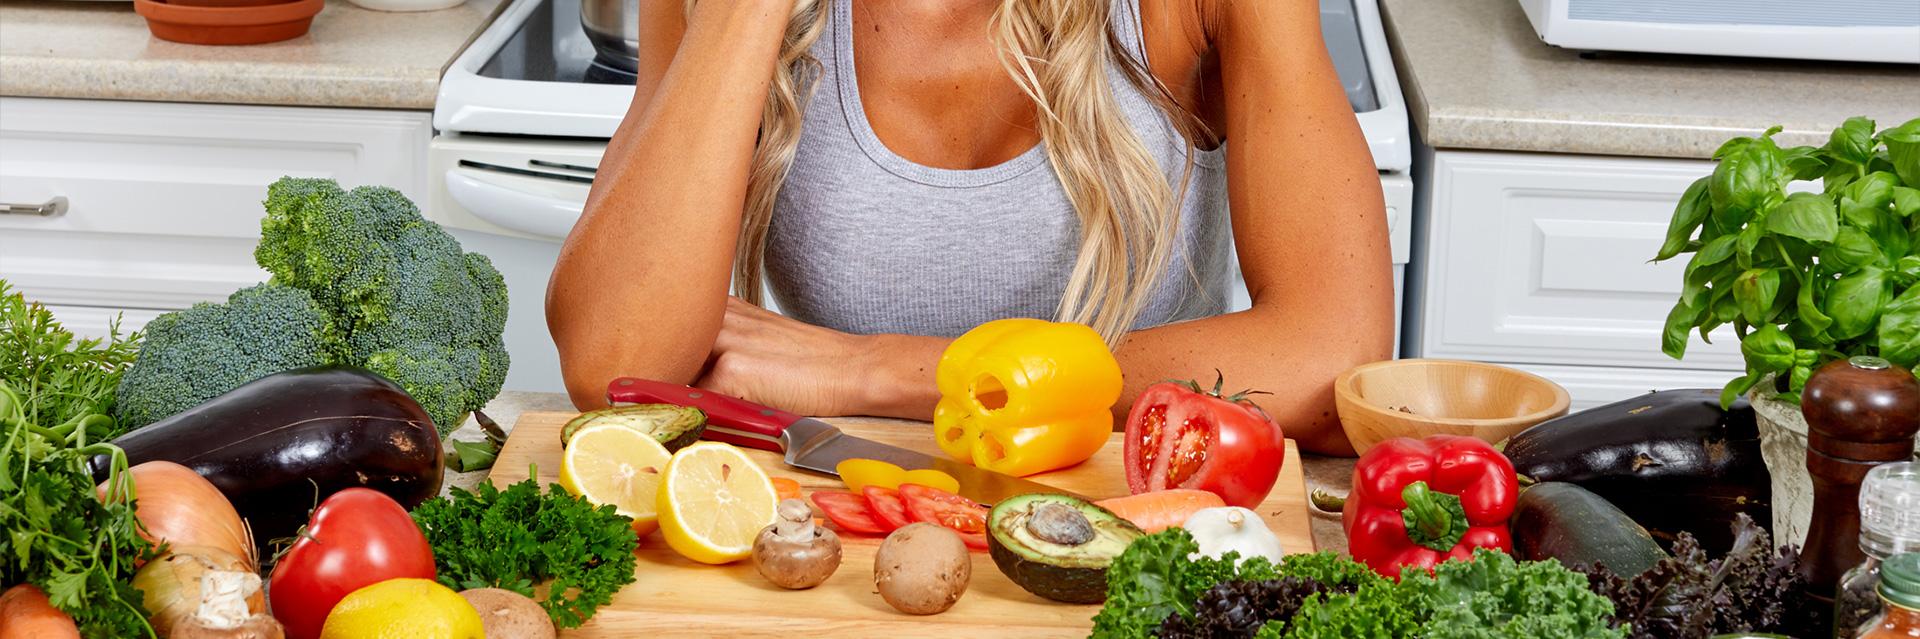 5 sprawdzonych sposobów na wzmocnienie odporności organizmu